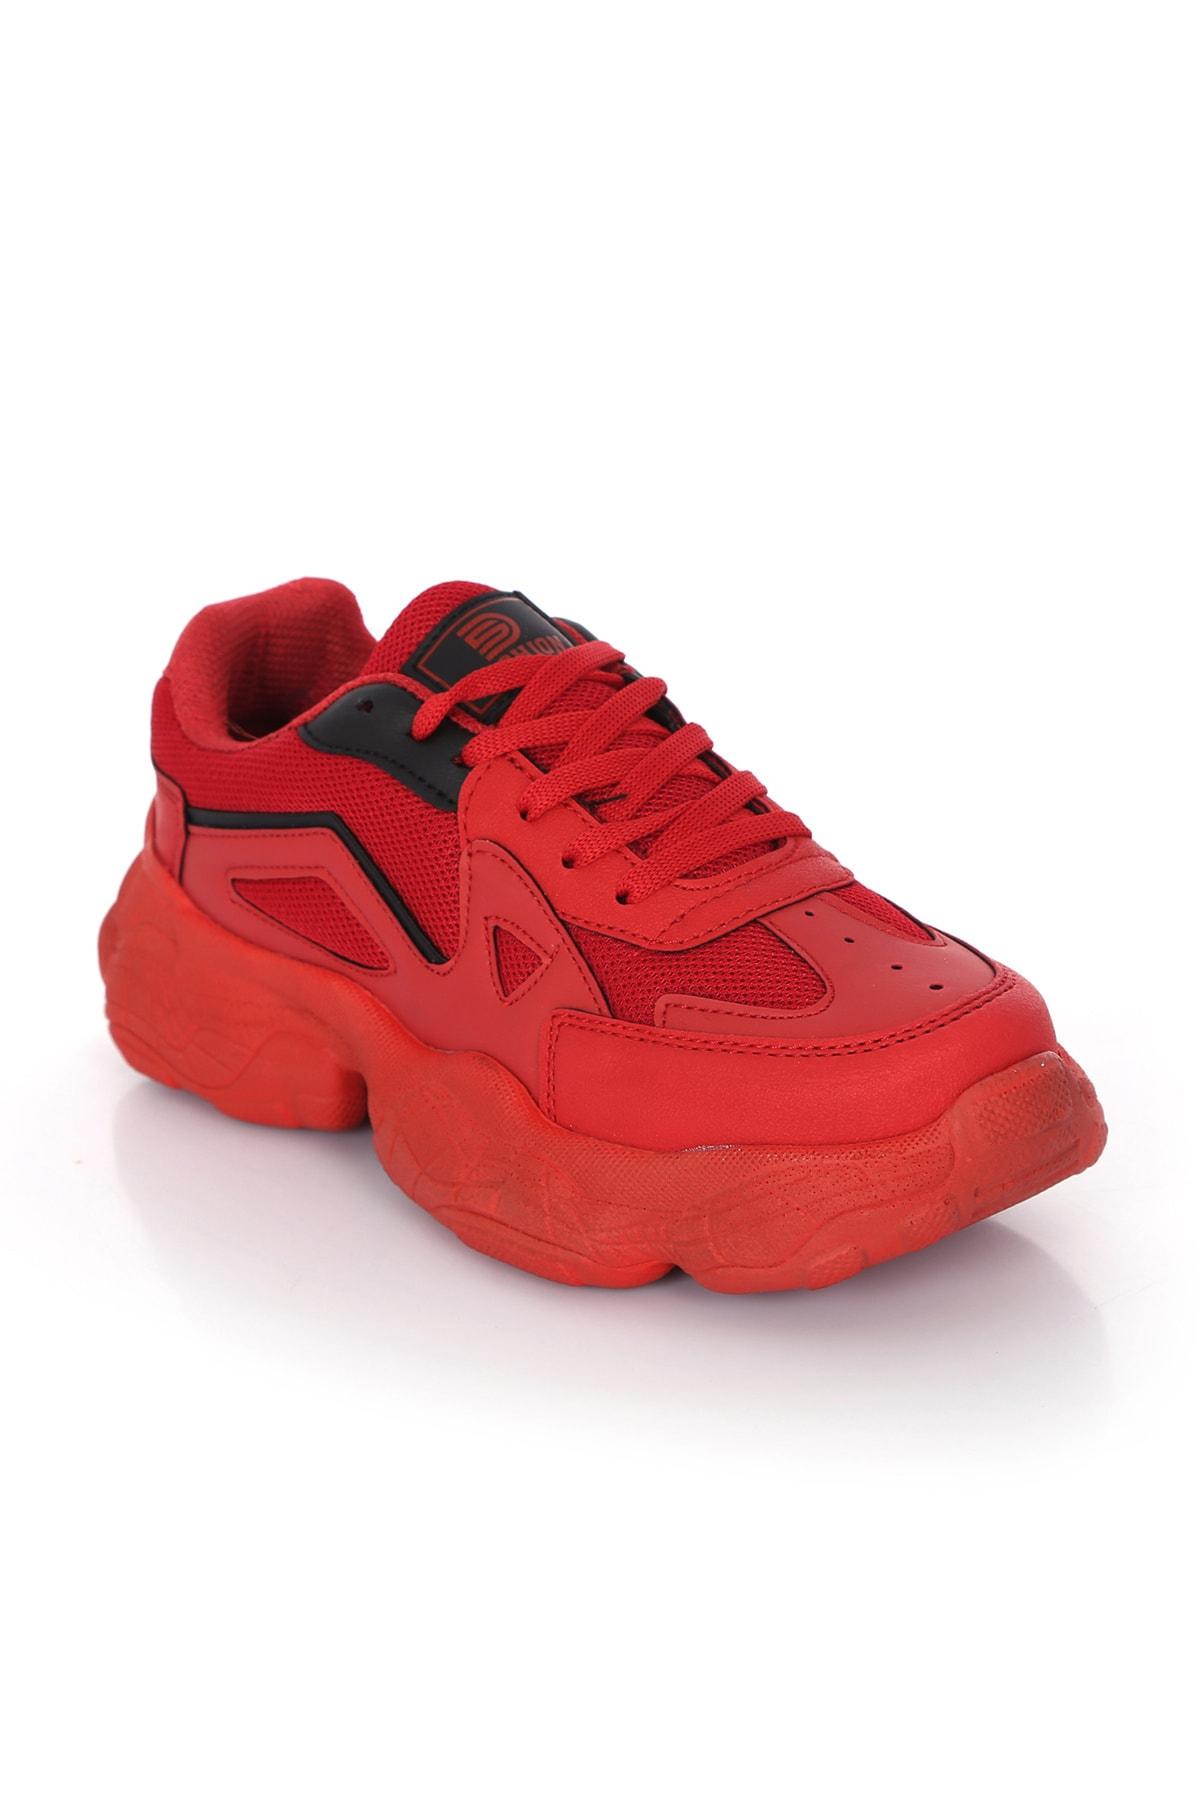 ICELAKE Kadın Sneaker Ybm-s997 2